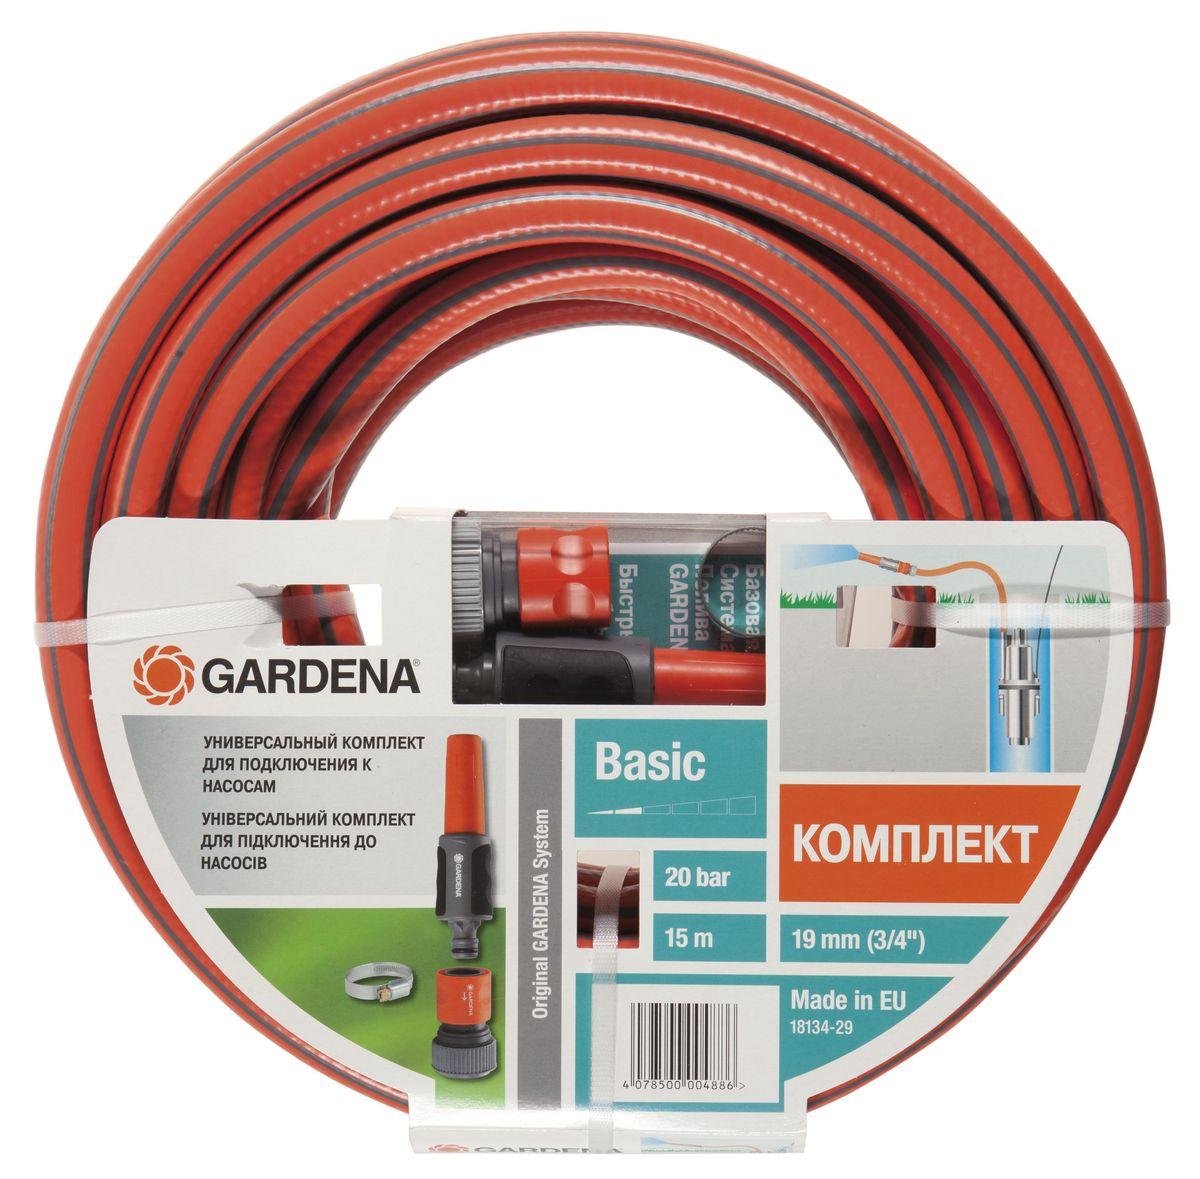 Комплект для подключения к насосу Gardena, универсальный, 4 предмета18134-29.000.00Универсальный комплект Gardena предназначен для подключения к насосам. Шланг предназначен для подведения воды к месту полива. Очень прочен и износостоек. Используется для умеренных нагрузок. С помощью шланга появляется возможность создать целую систему водопровода. Для необходимой длины нужное количество шлангов соединяется коннекторами, которые также используются для проектирования нужного угла поворота системы. Шланг устойчив к высокому давлению (до 20 бар), не ломается при сгибании. Яркий цвет не даст потеряться даже в густой высокой траве, и он будет своевременно заметен при обработке газона. Выполнен из высококачественного материала что гарантирует долгий срок эксплуатации шланга.Коннектор предназначен для подсоединения наконечника для полива к шлангу. Благодаря накладкам на поверхности из мягкого рифленого пластика, коннектор очень удобно снимать и одевать даже сырыми руками во время проведения работ. Для снятия коннектора со шланга достаточно потянуть на себя за накладки.Наконечник Classic используется со шлангами для полива и орошения. Приспособление выполнено из пластика, который отличается мягкой структурой для максимального удобства при использовании. Еще одна особенность - это возможность регулирования струи воды от обычной до бережного распыления, что позволяет подобрать уход под конкретные цели.Хомут используется для крепления шланга к выходному патрубку насоса.В комплект входят:- шланг Standard - 15 м;- хомут;- коннектор стандартный;- наконечник для полива Classic.Диаметр шланга: 3/4. Длина шланга: 15 м.Диаметр коннектора: 3/4.